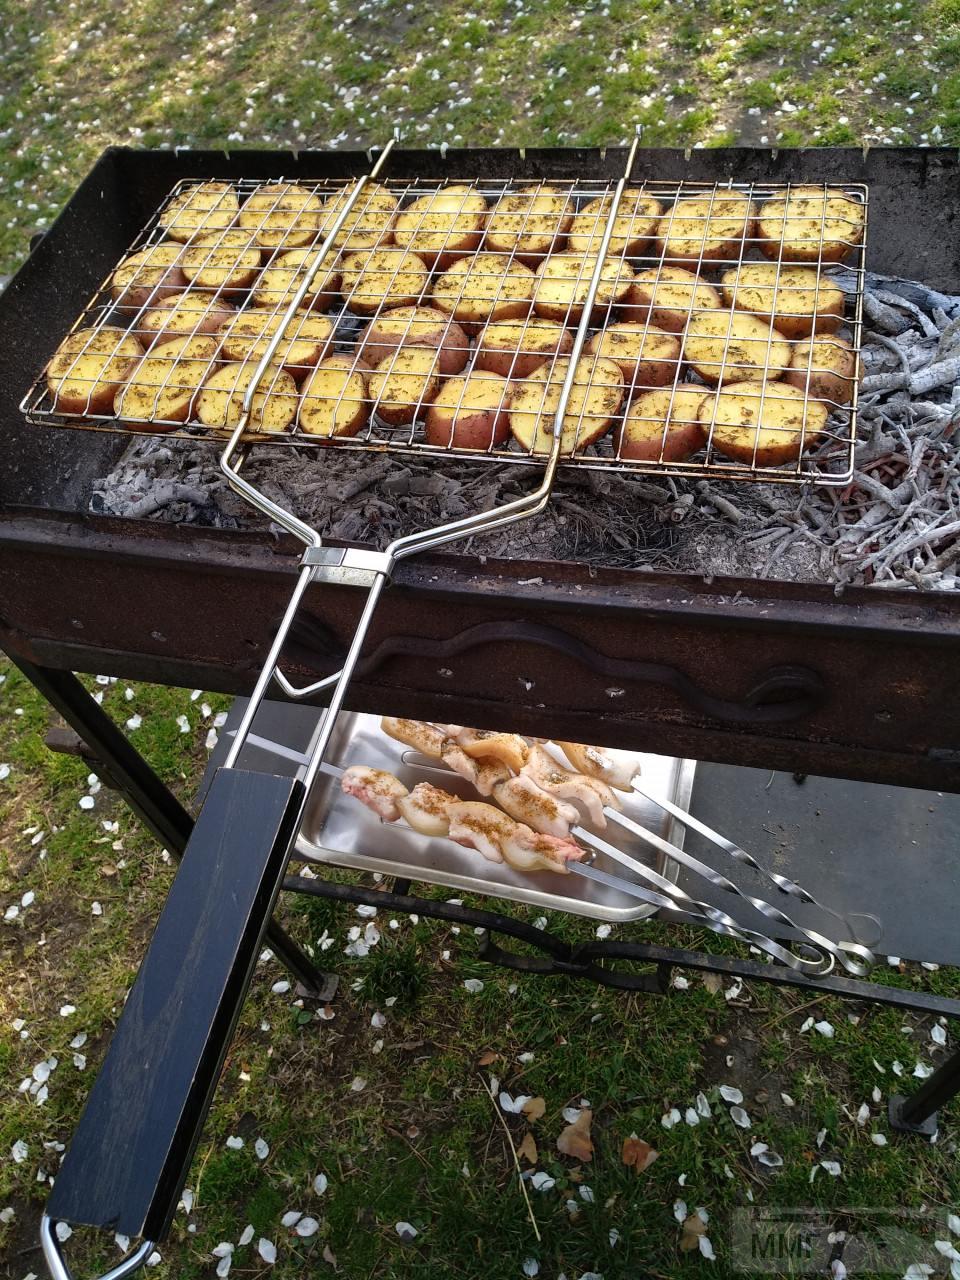 101270 - Закуски на огне (мангал, барбекю и т.д.) и кулинария вообще. Советы и рецепты.